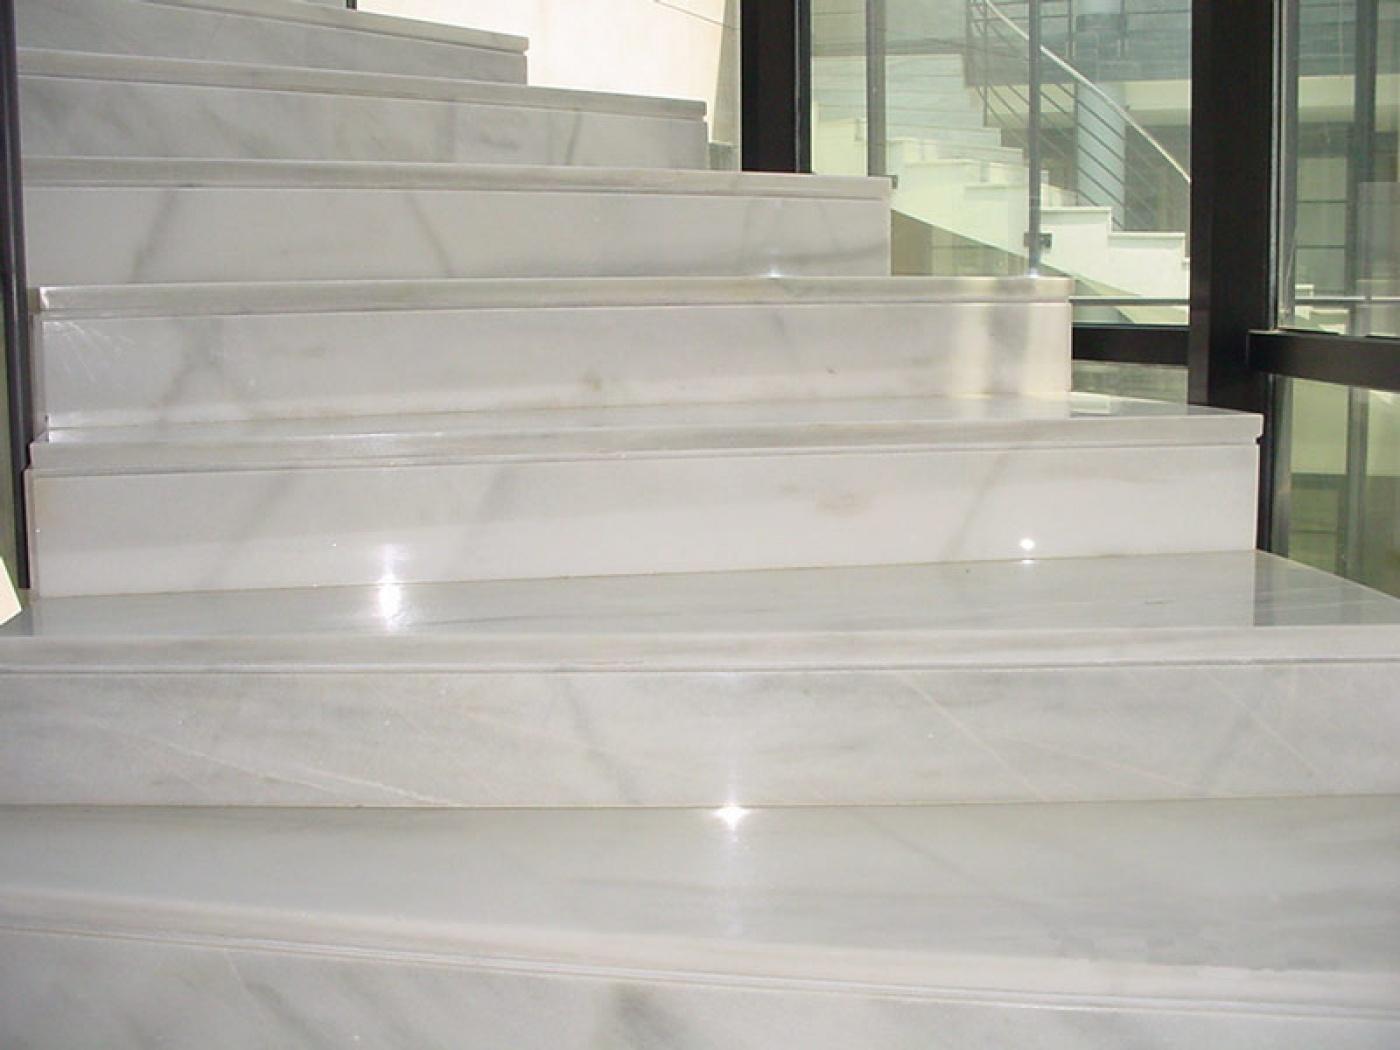 Escalier marches et contre-marches Blanc Macael  Livraison en région Parisienne